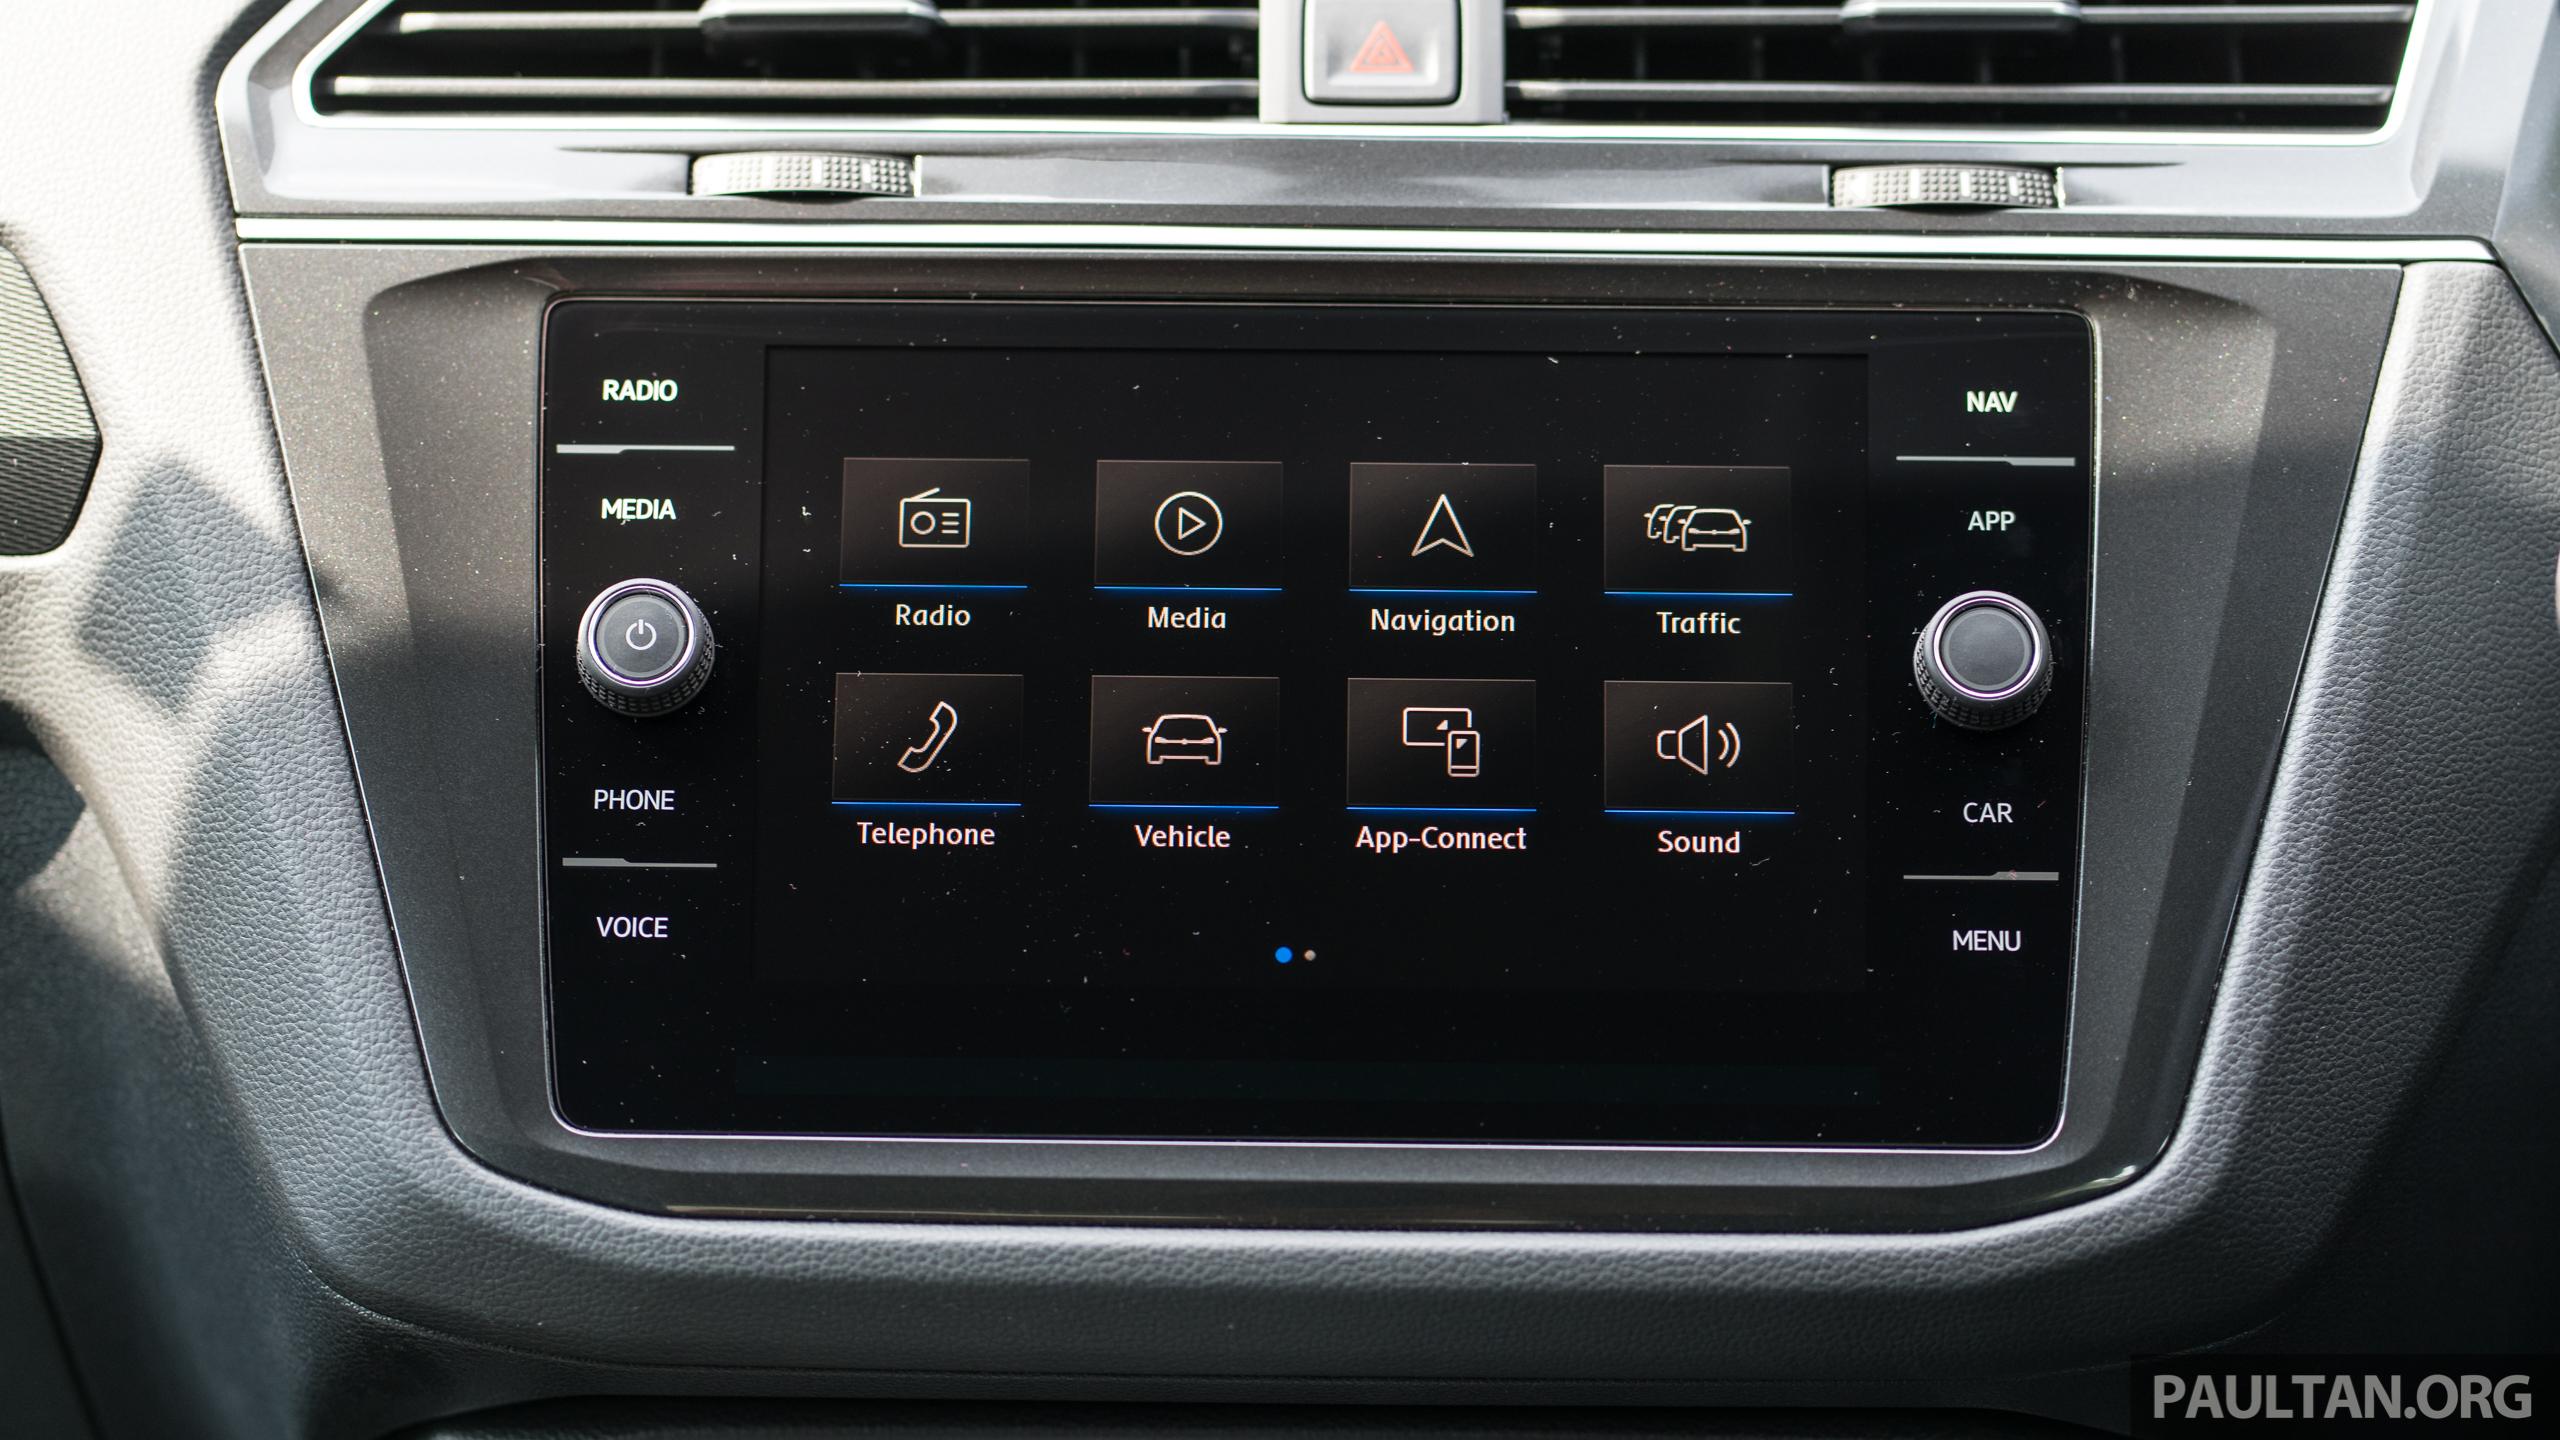 Volkswagen Tiguan Comfortline, Tiguan Highline and Passat